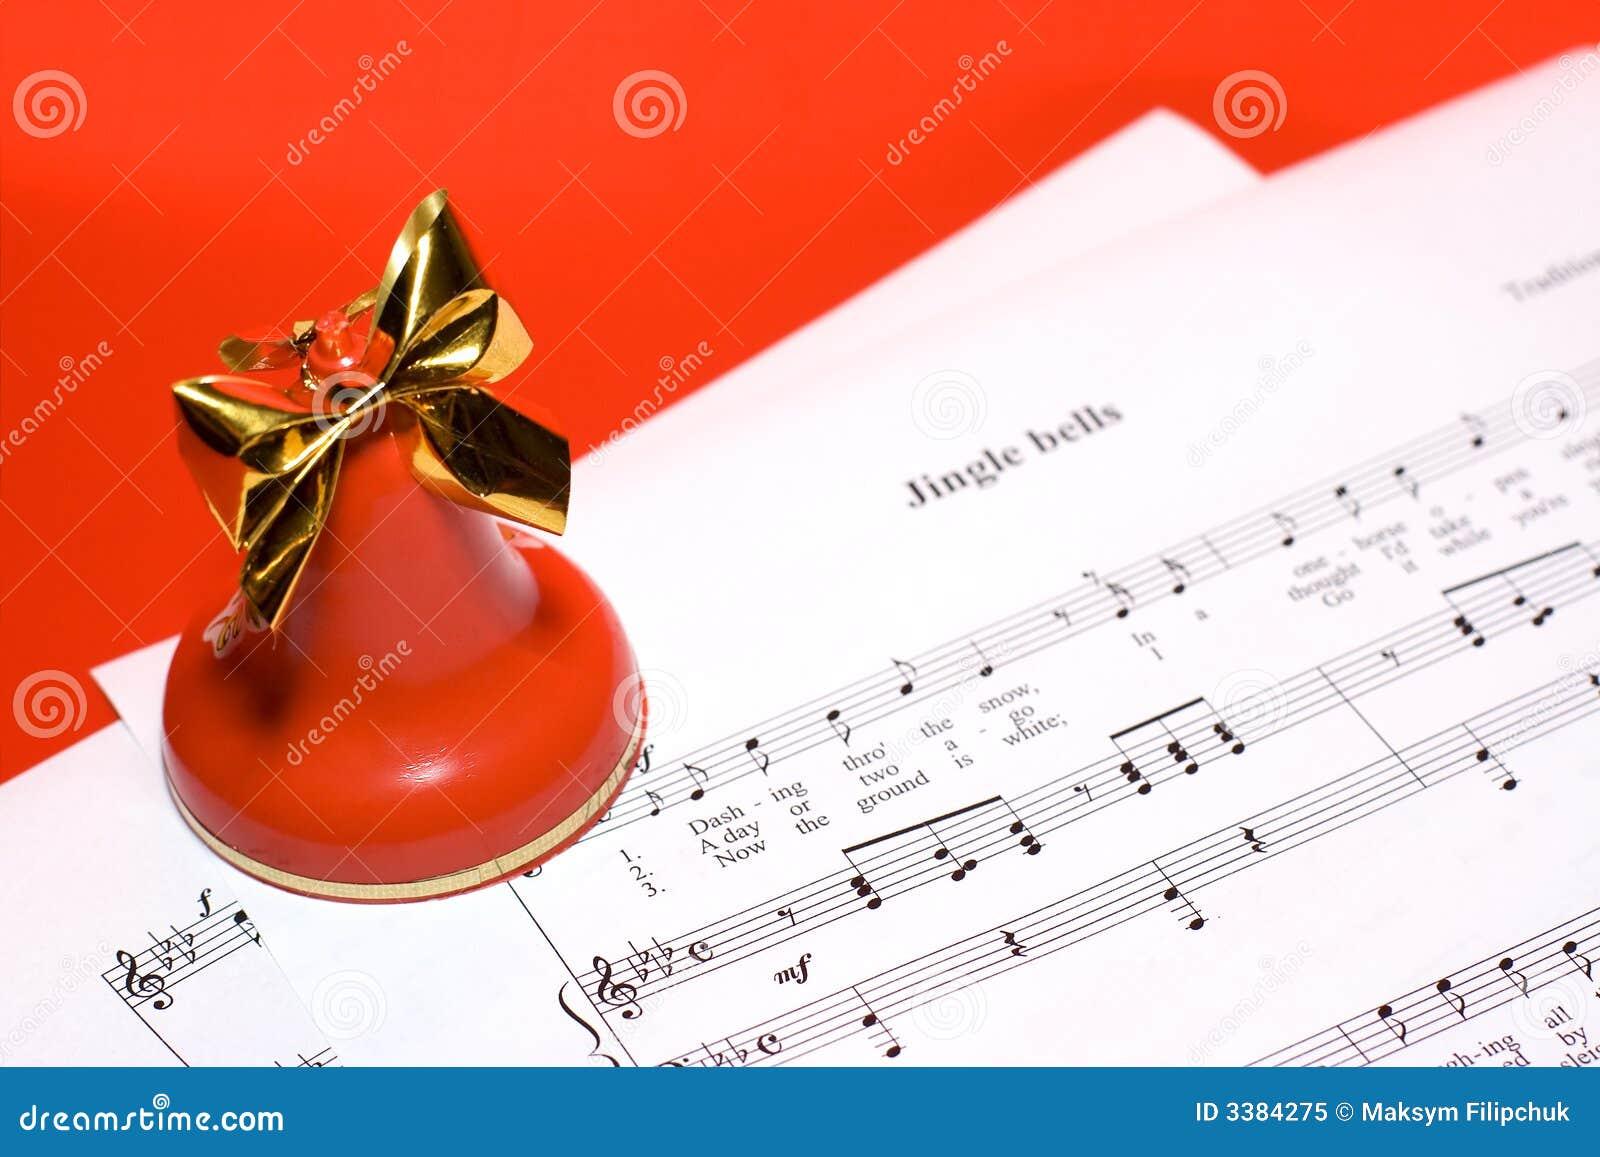 Christmas Music Background Royalty Free Stock Photo - Image: 3384275